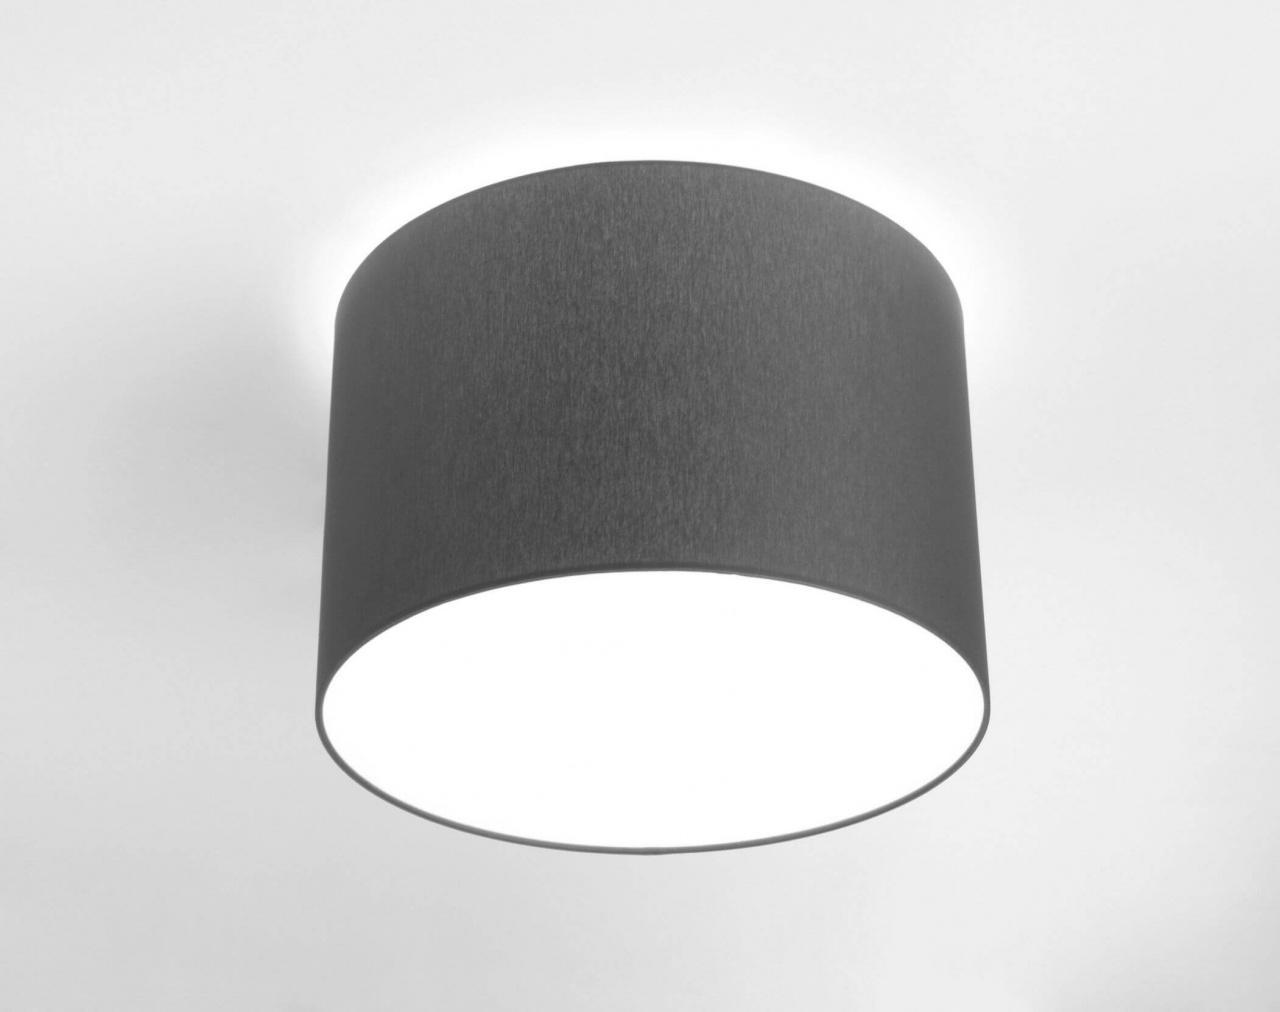 цена Потолочный светодиодный светильник Nowodvorski Cameron 9683 онлайн в 2017 году